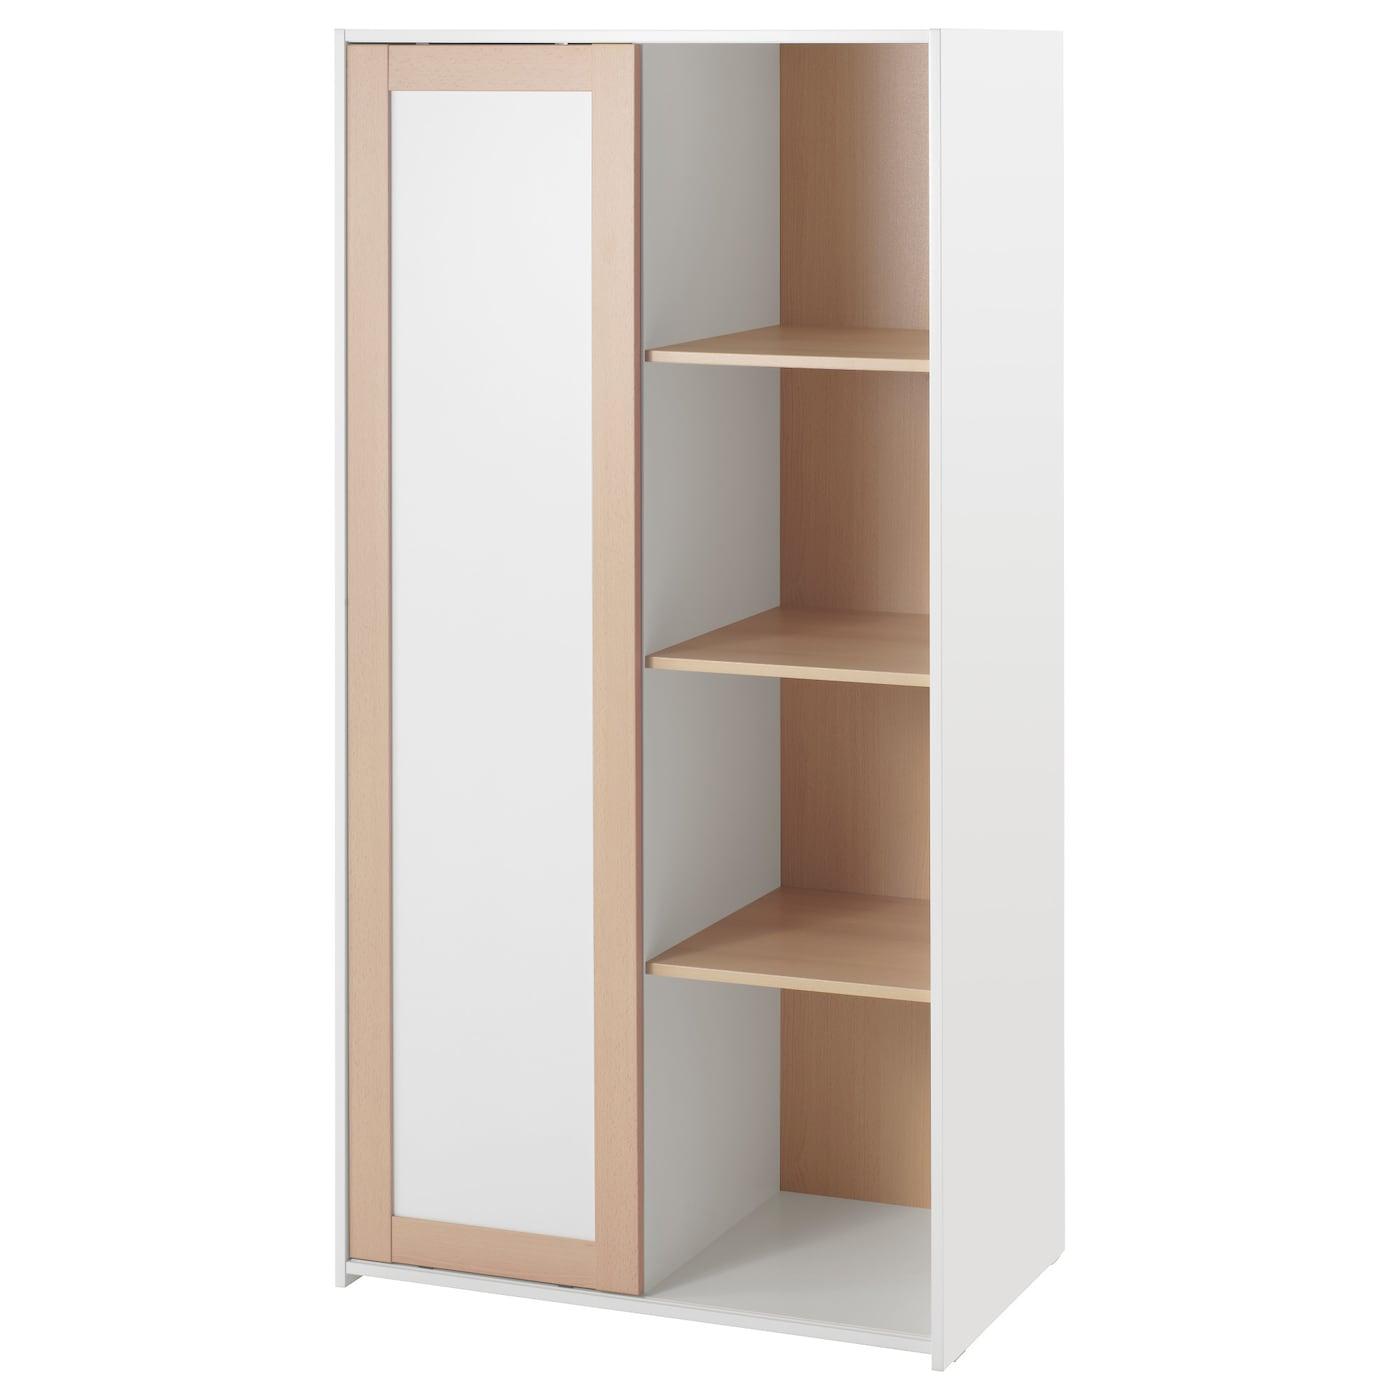 Garde robes enfants armoires enfant pour la chambre ikea for Ikea heures de garde d enfants